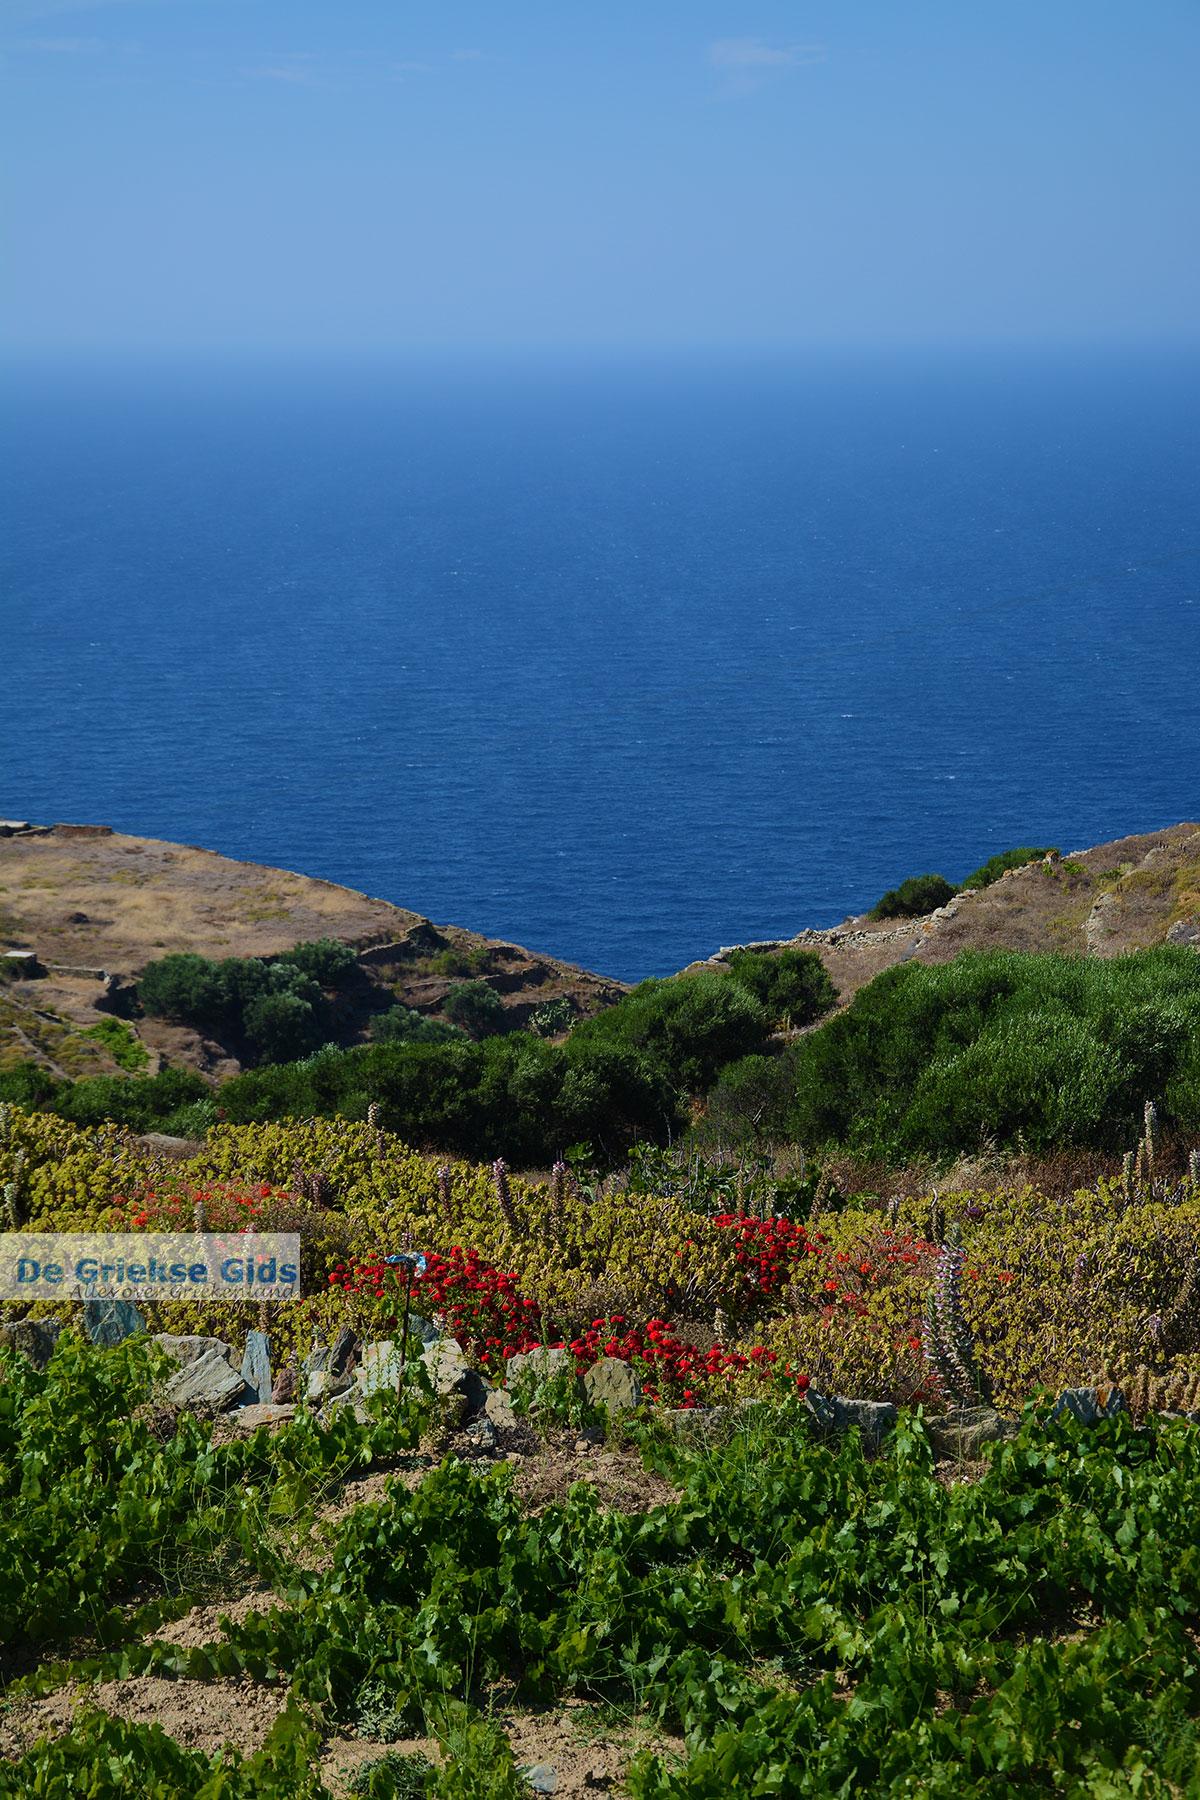 foto Ano Meria Folegandros - Eiland Folegandros - Cycladen - Foto 232